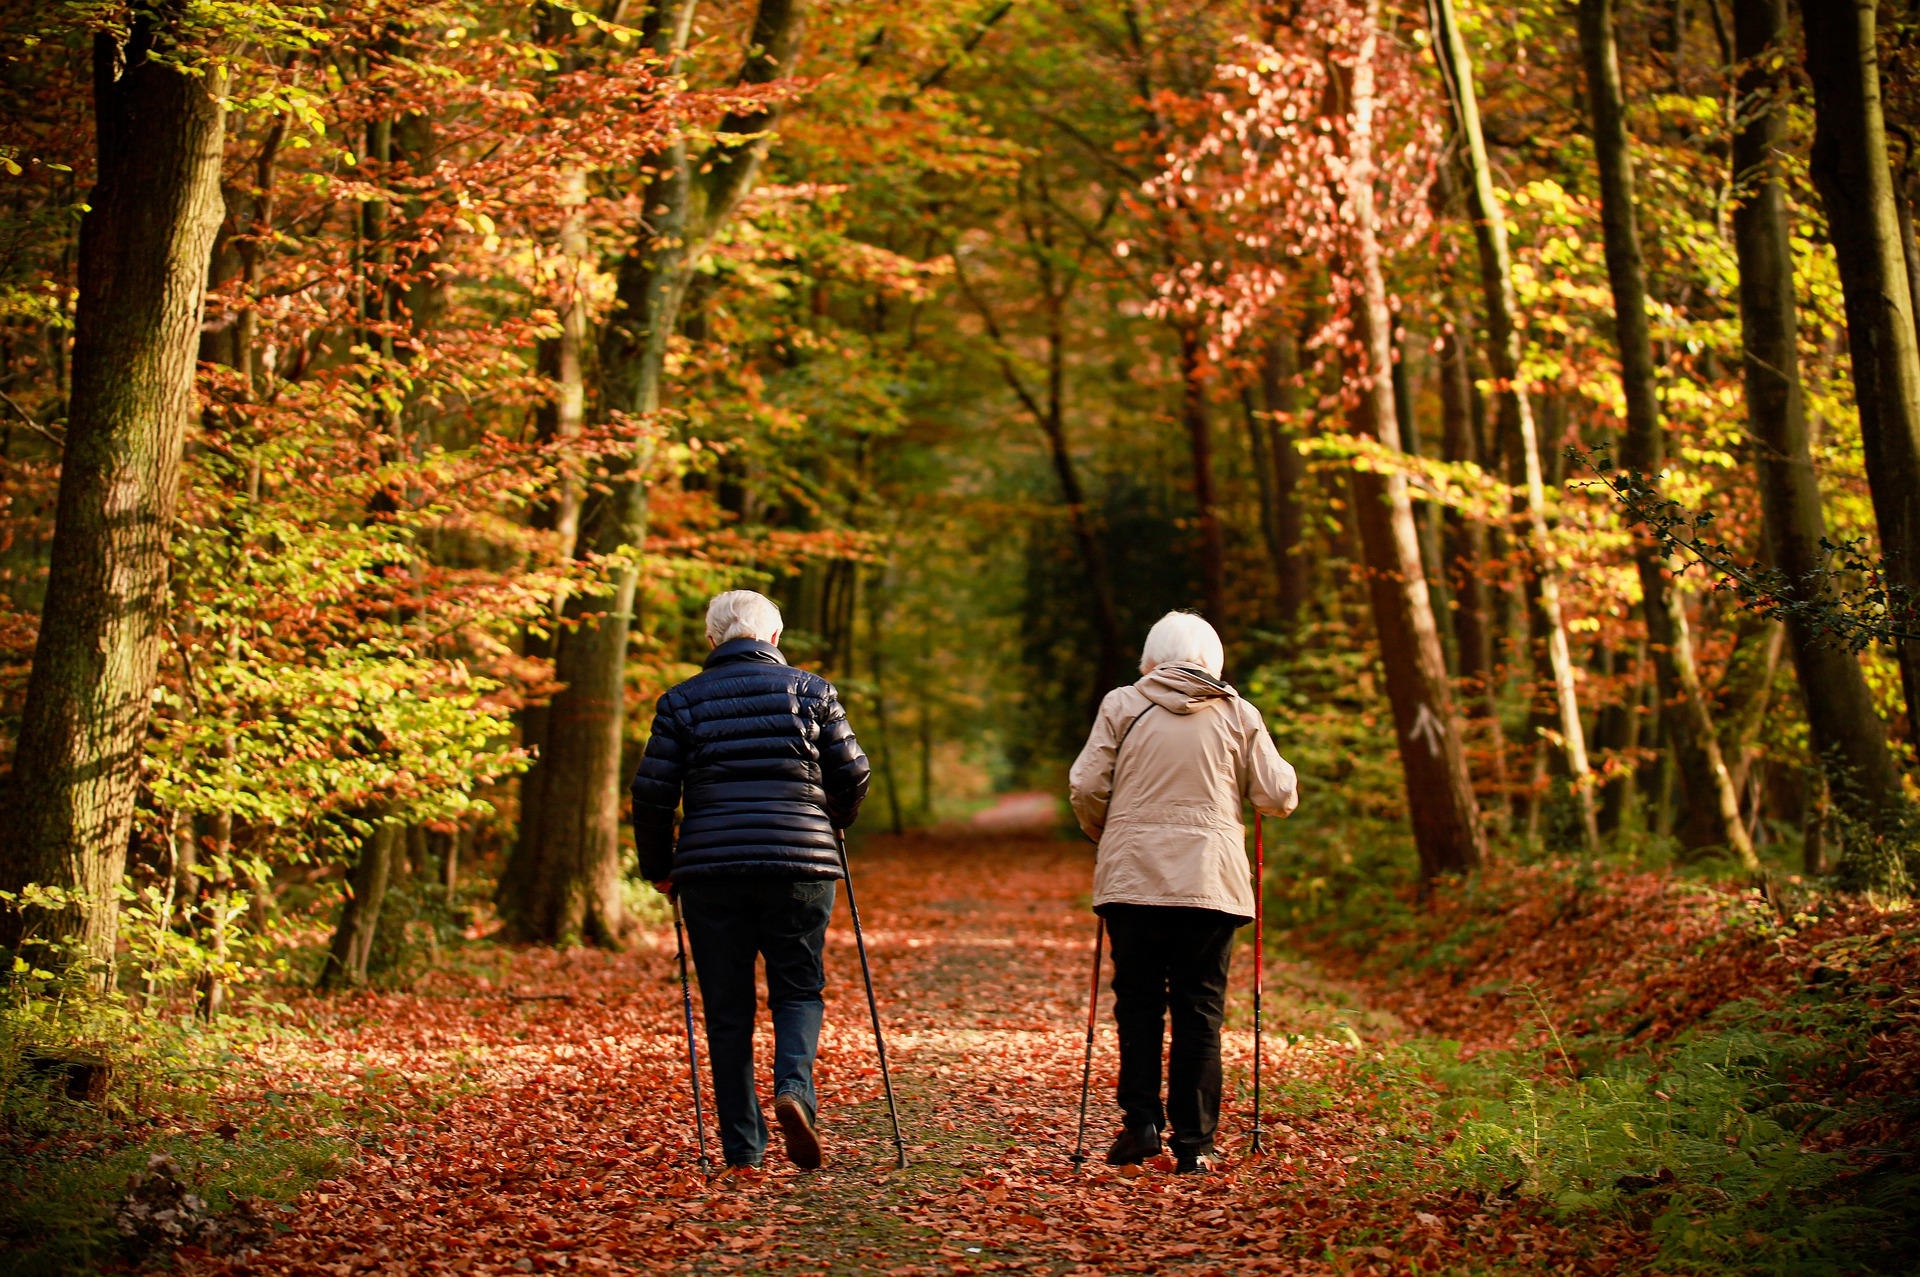 熟年時尚|走路也是種時尚,日走萬步促進健康,但你走對了嗎?